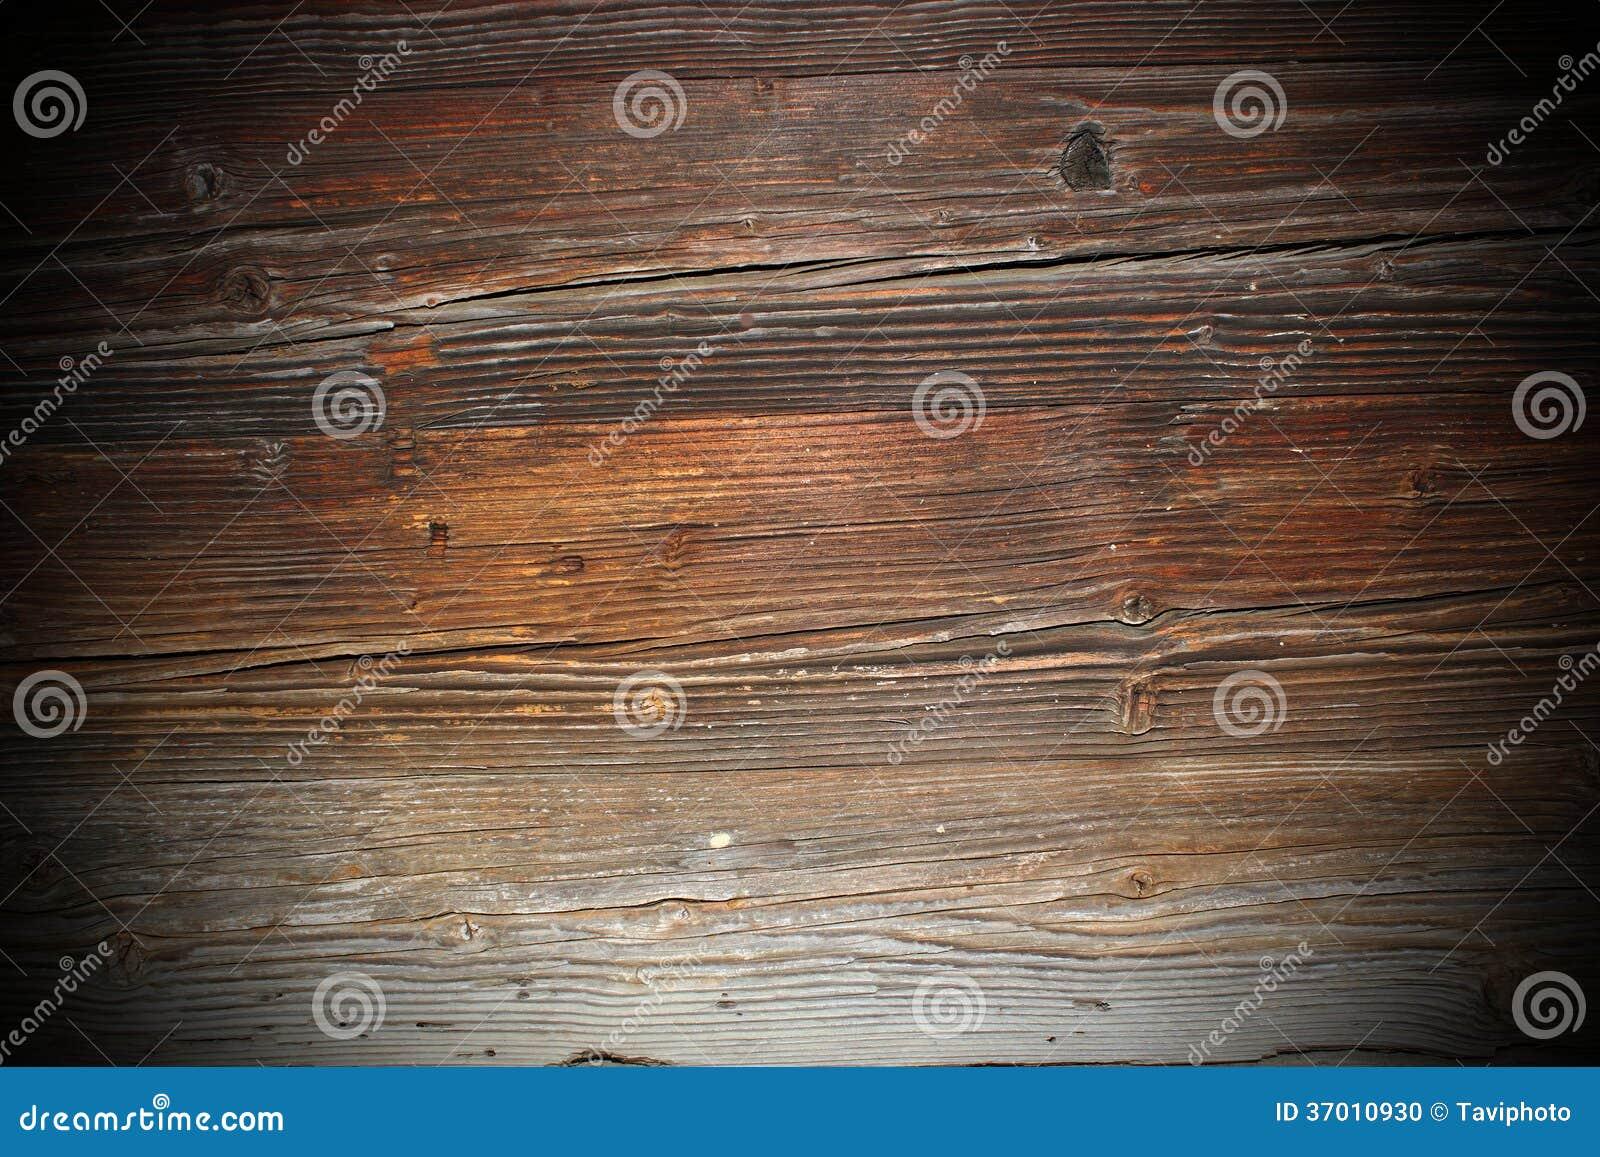 Tableros de madera spruce antiguos foto de archivo - Tableros de madera para exterior ...